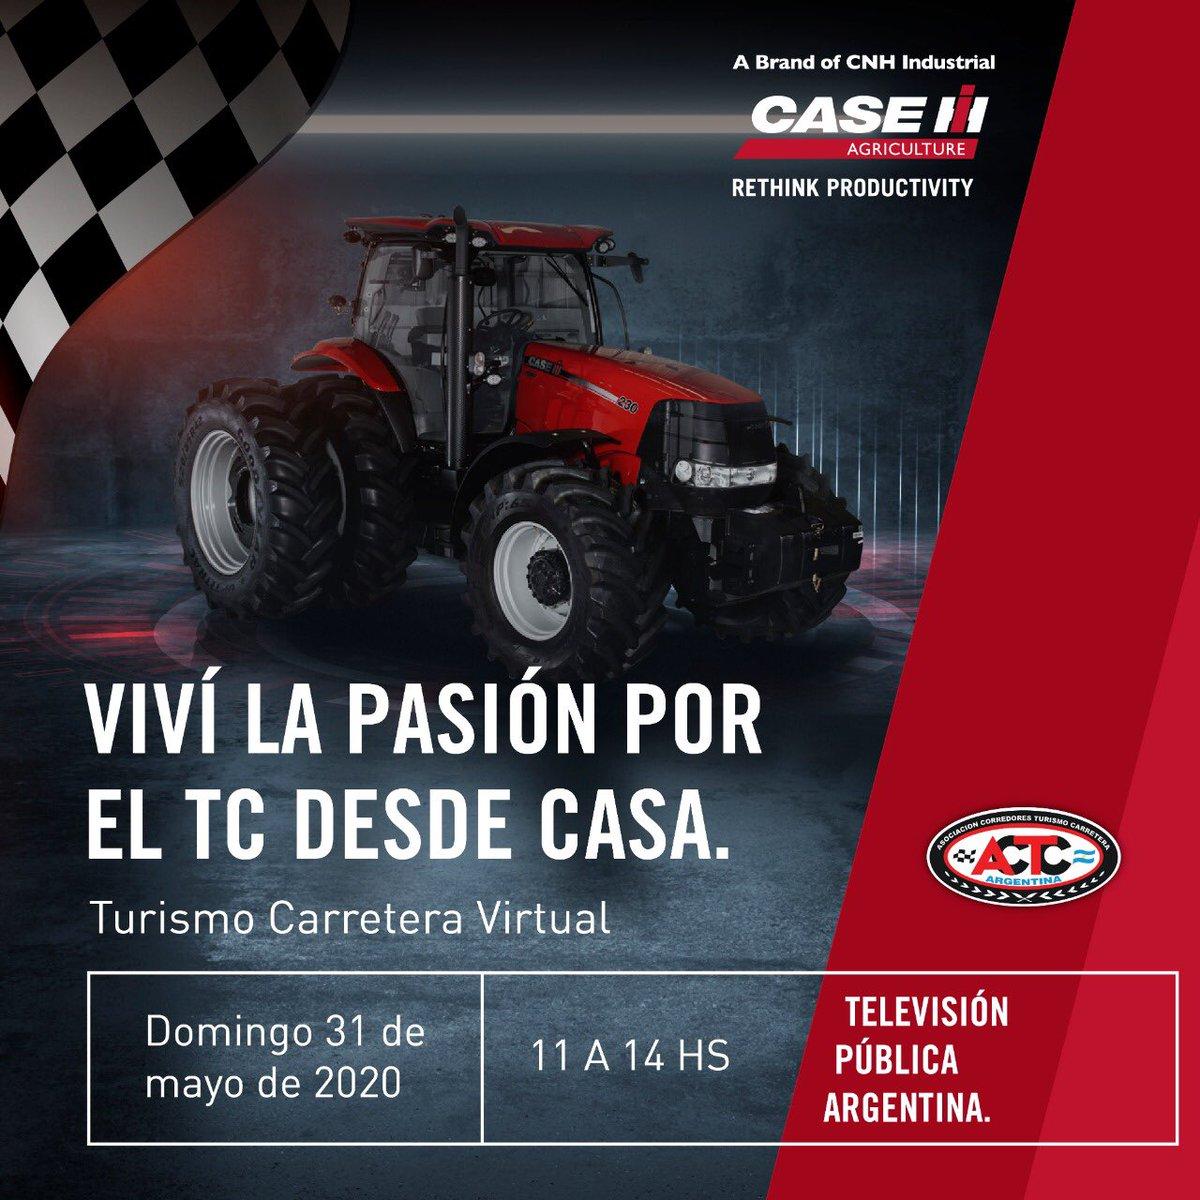 Mañana domingo a las 11 hs. encendé la televisión y mirá por la @tv_publica una nueva fecha de #TCEnCasa. @actcargentina. #CaseIH #QuedateEnCasa #YoMeQuedoEnCasa https://t.co/Q4RqpzR8tF